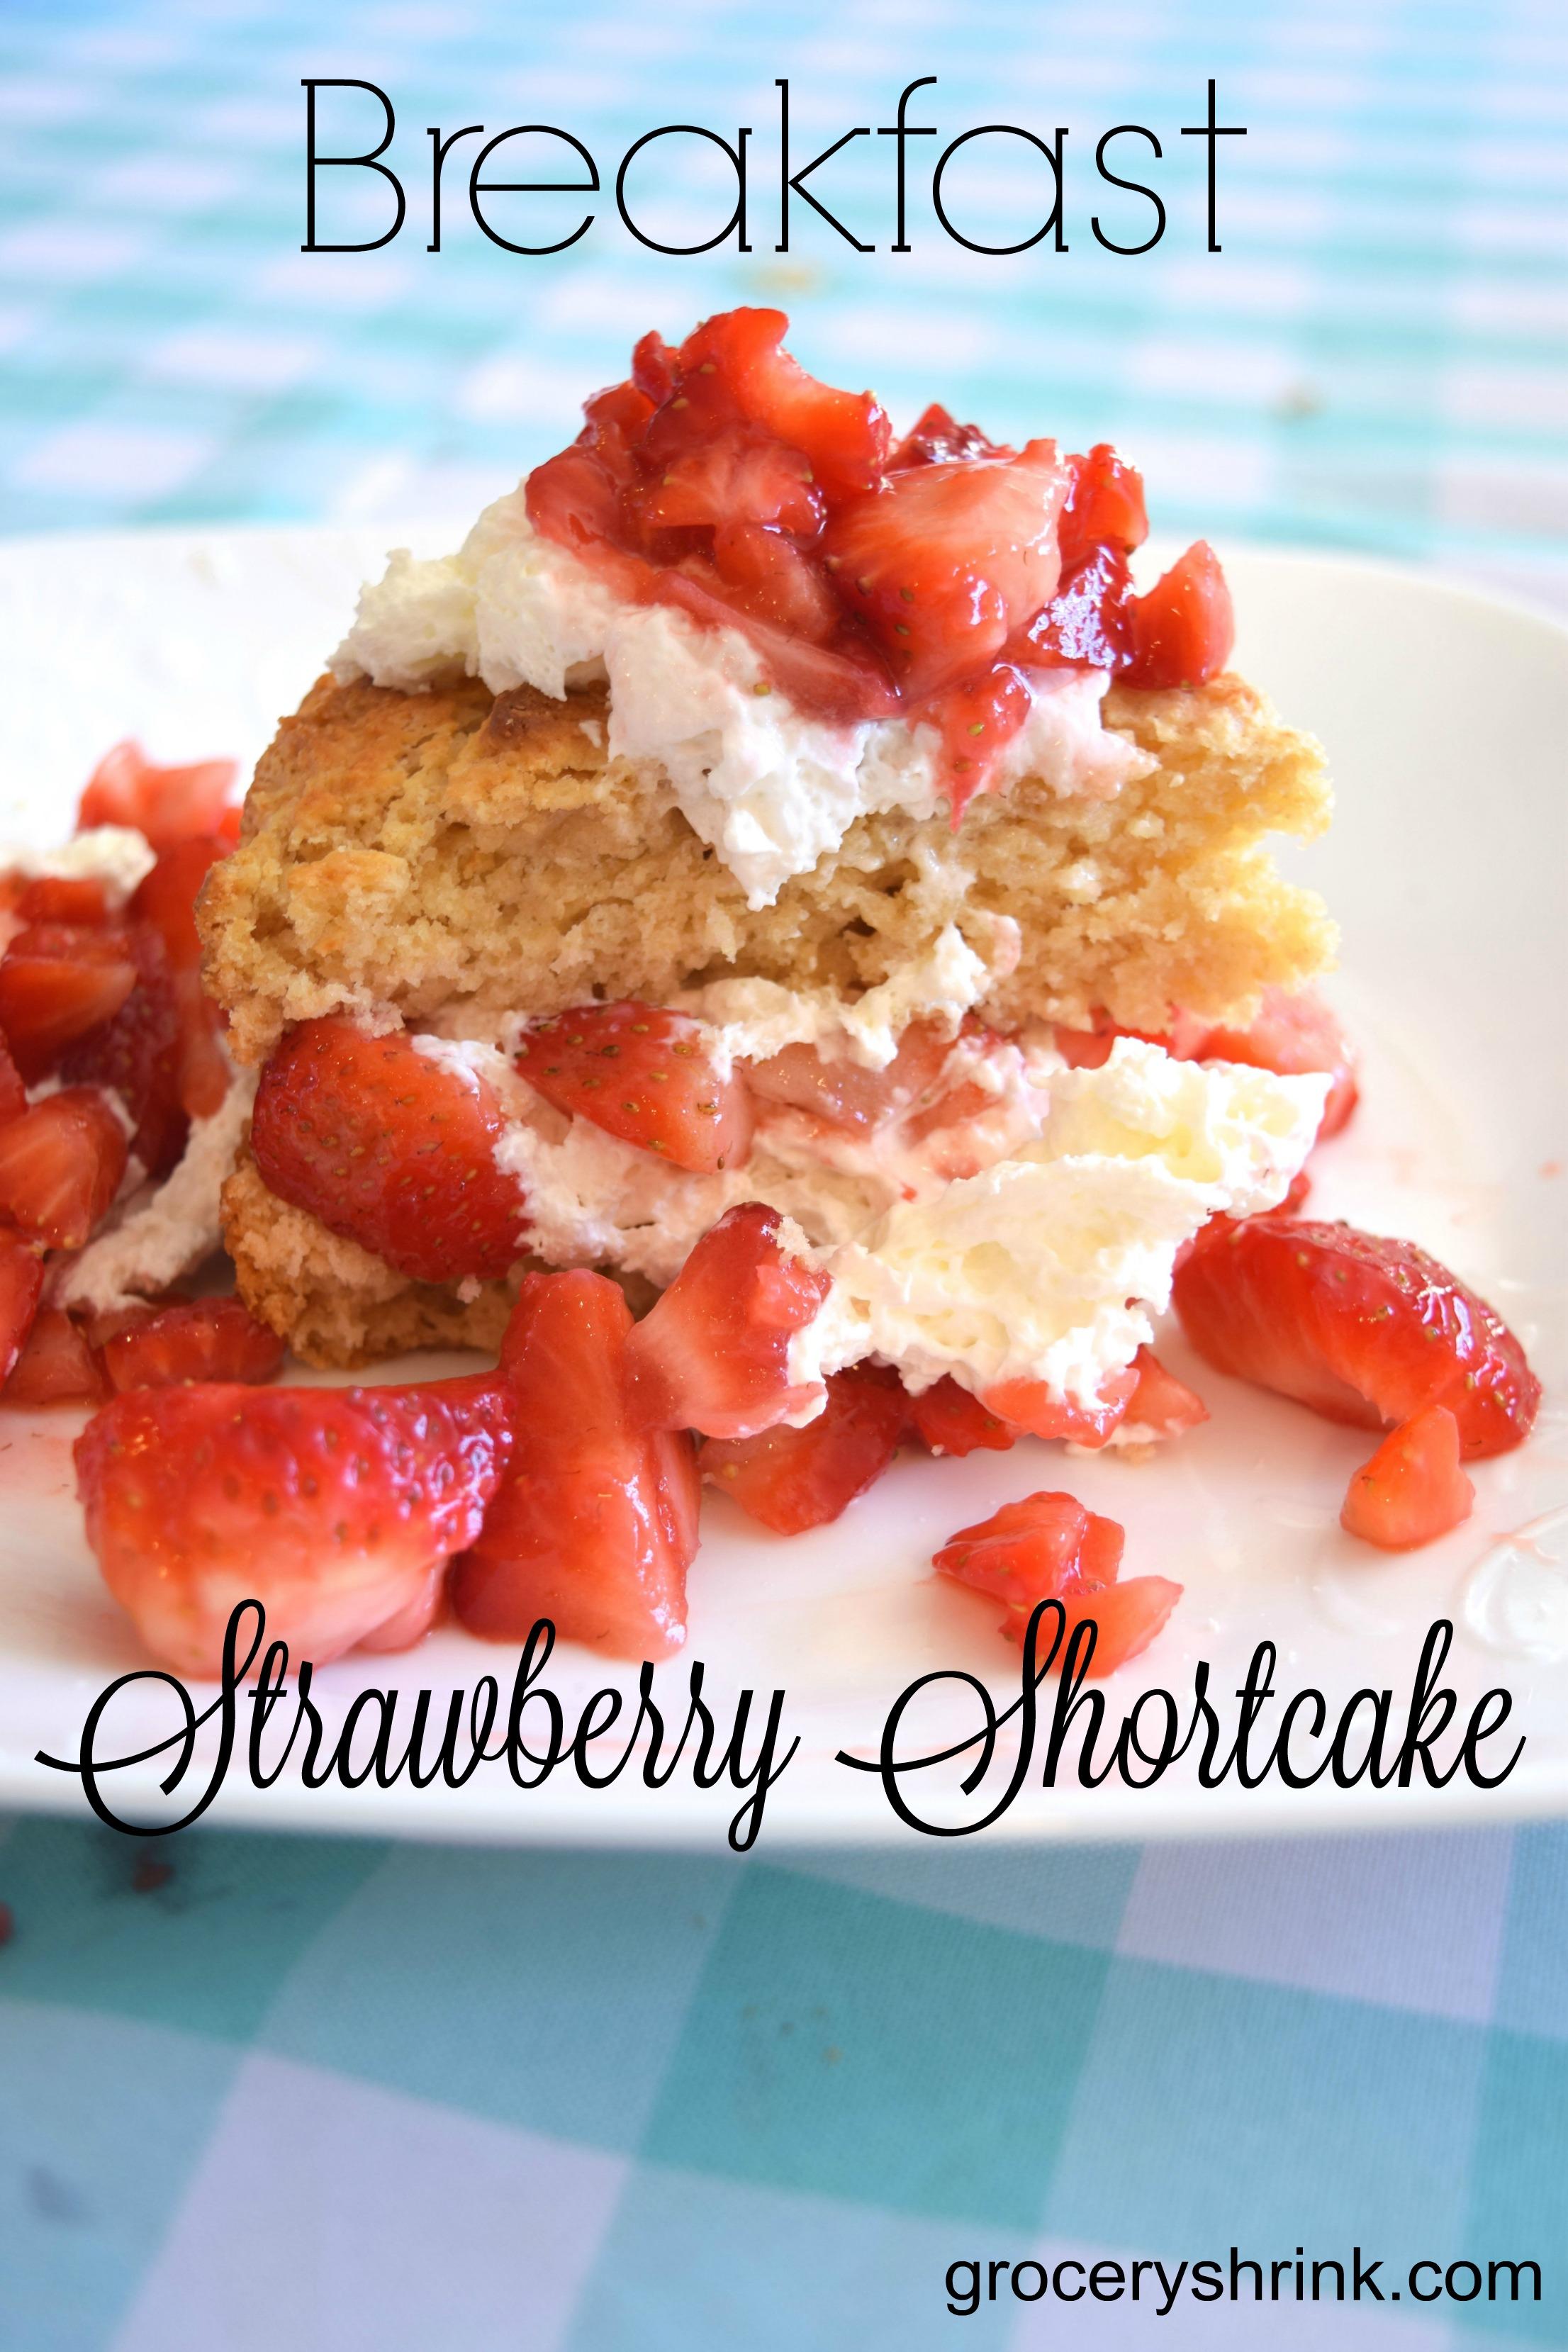 Breakfast Strawberry Shortcake